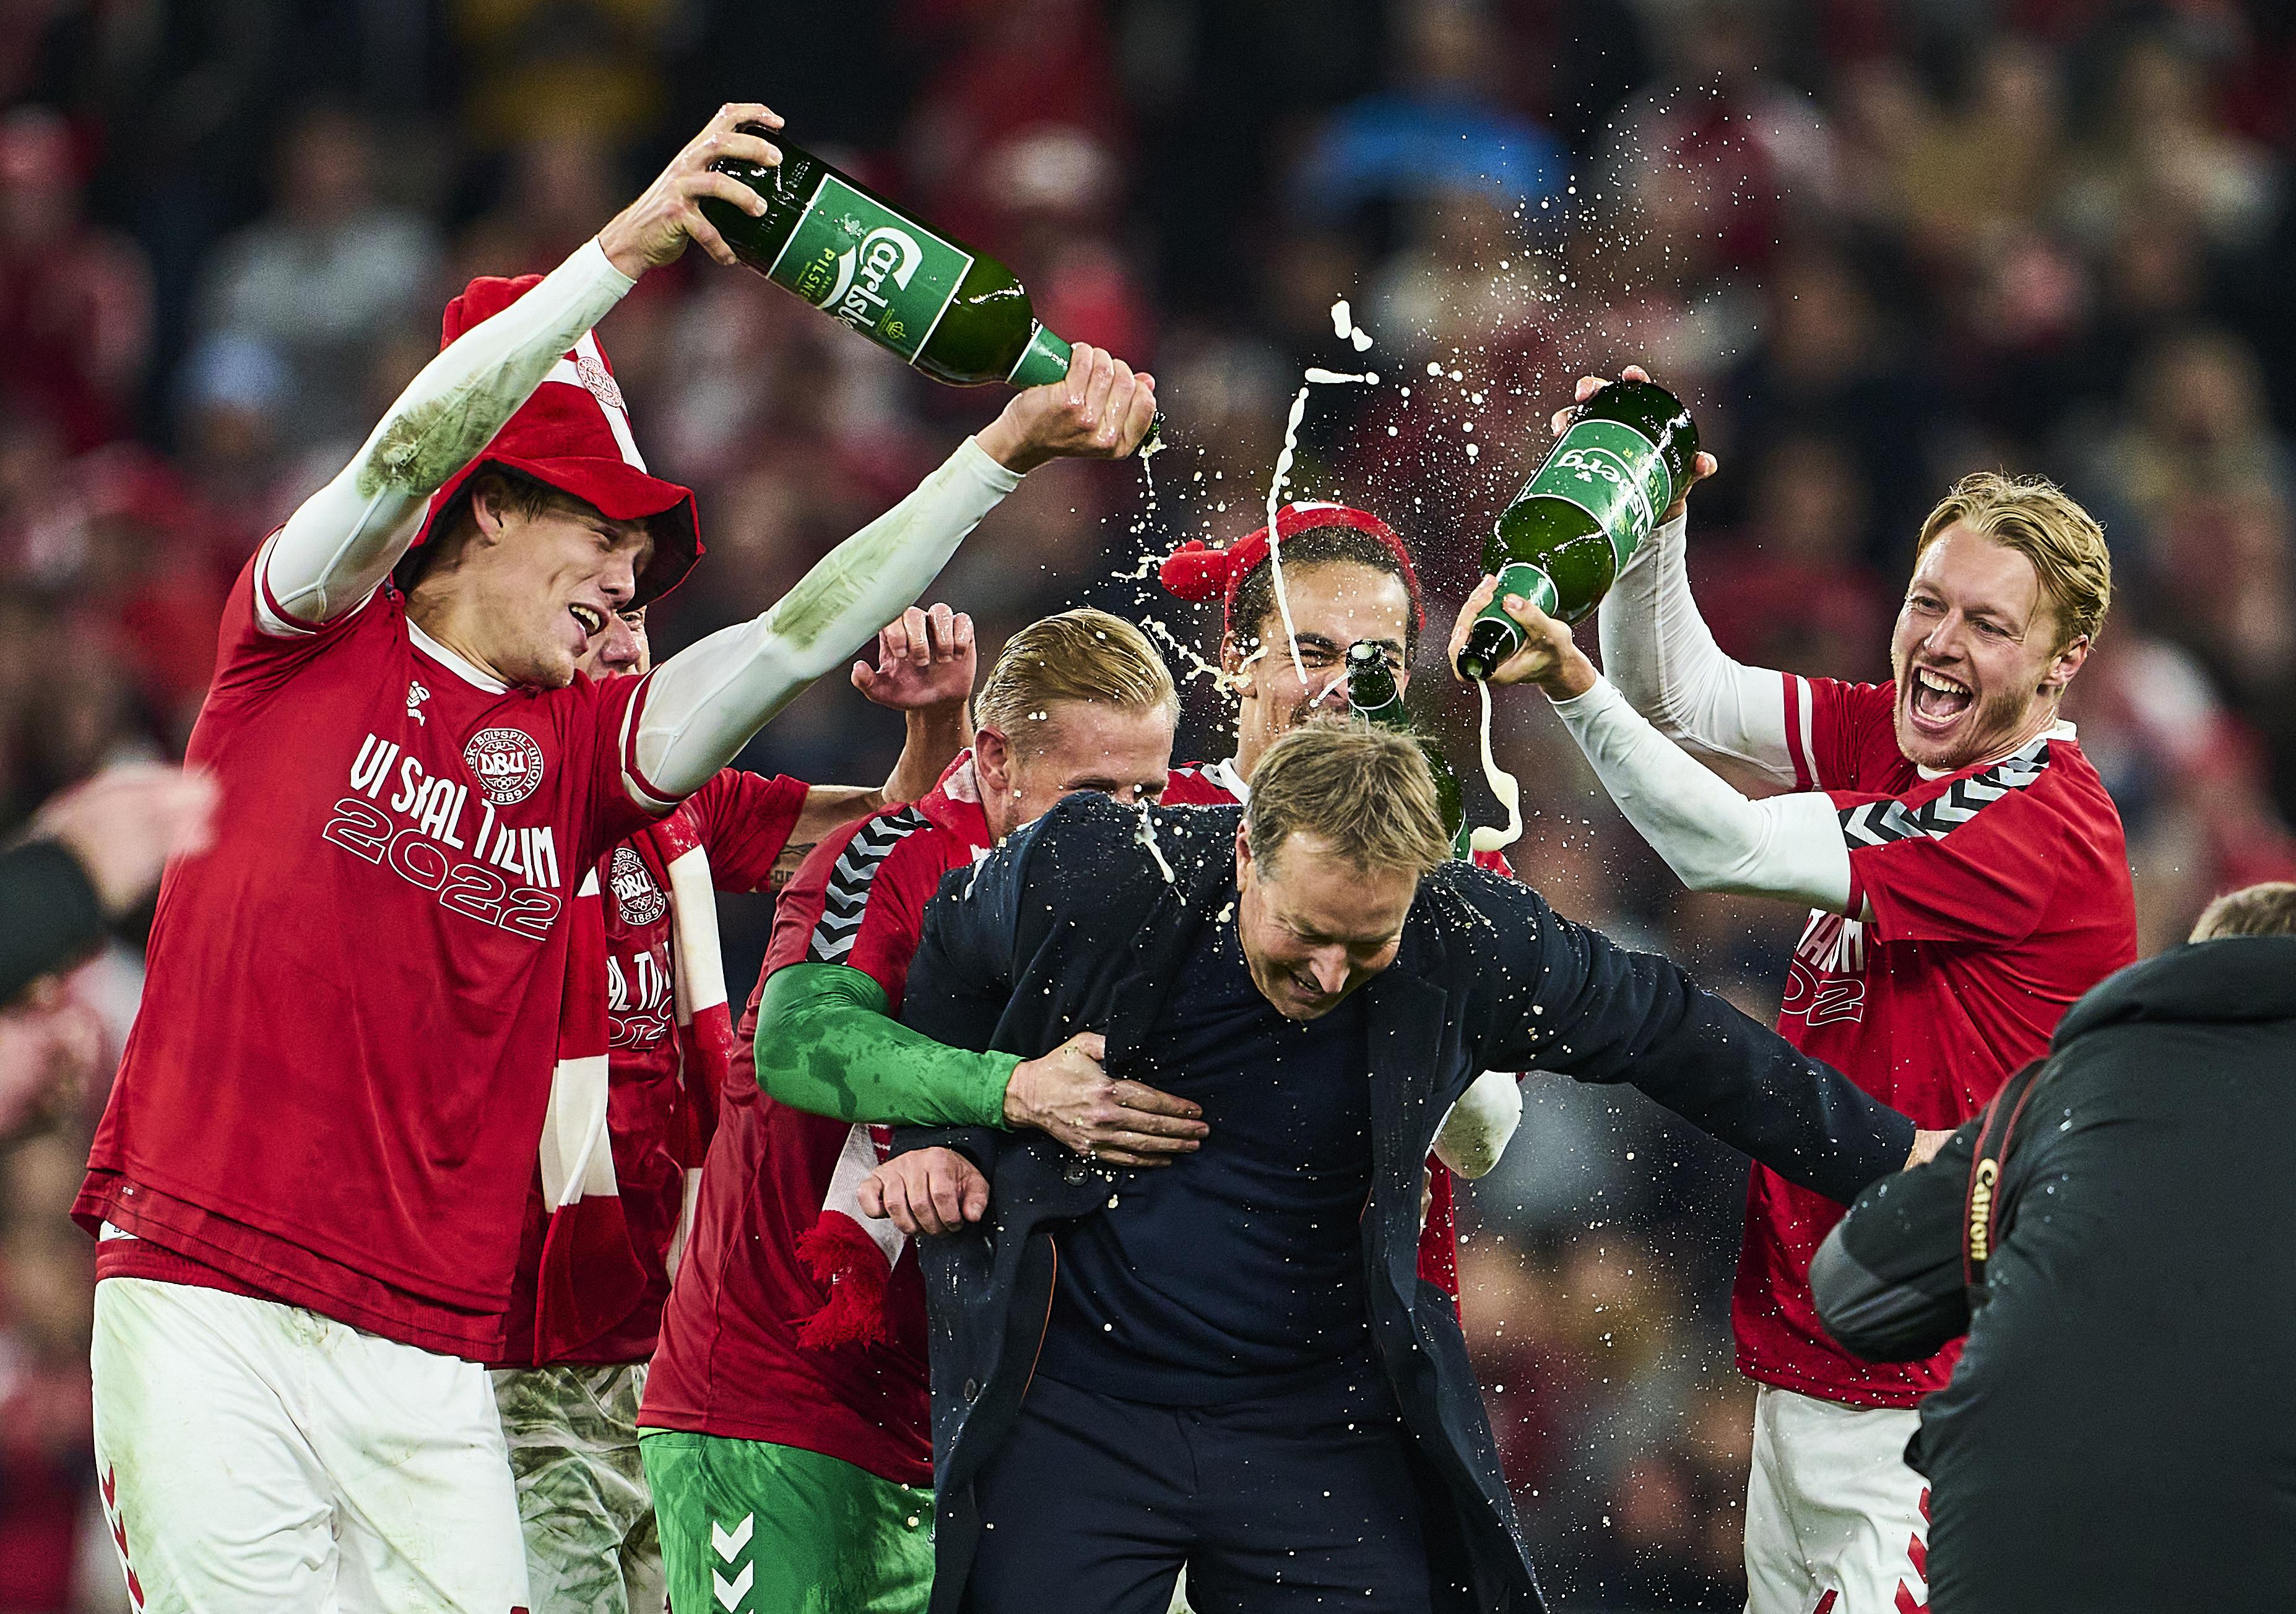 丹麦球员给主帅浇香槟。